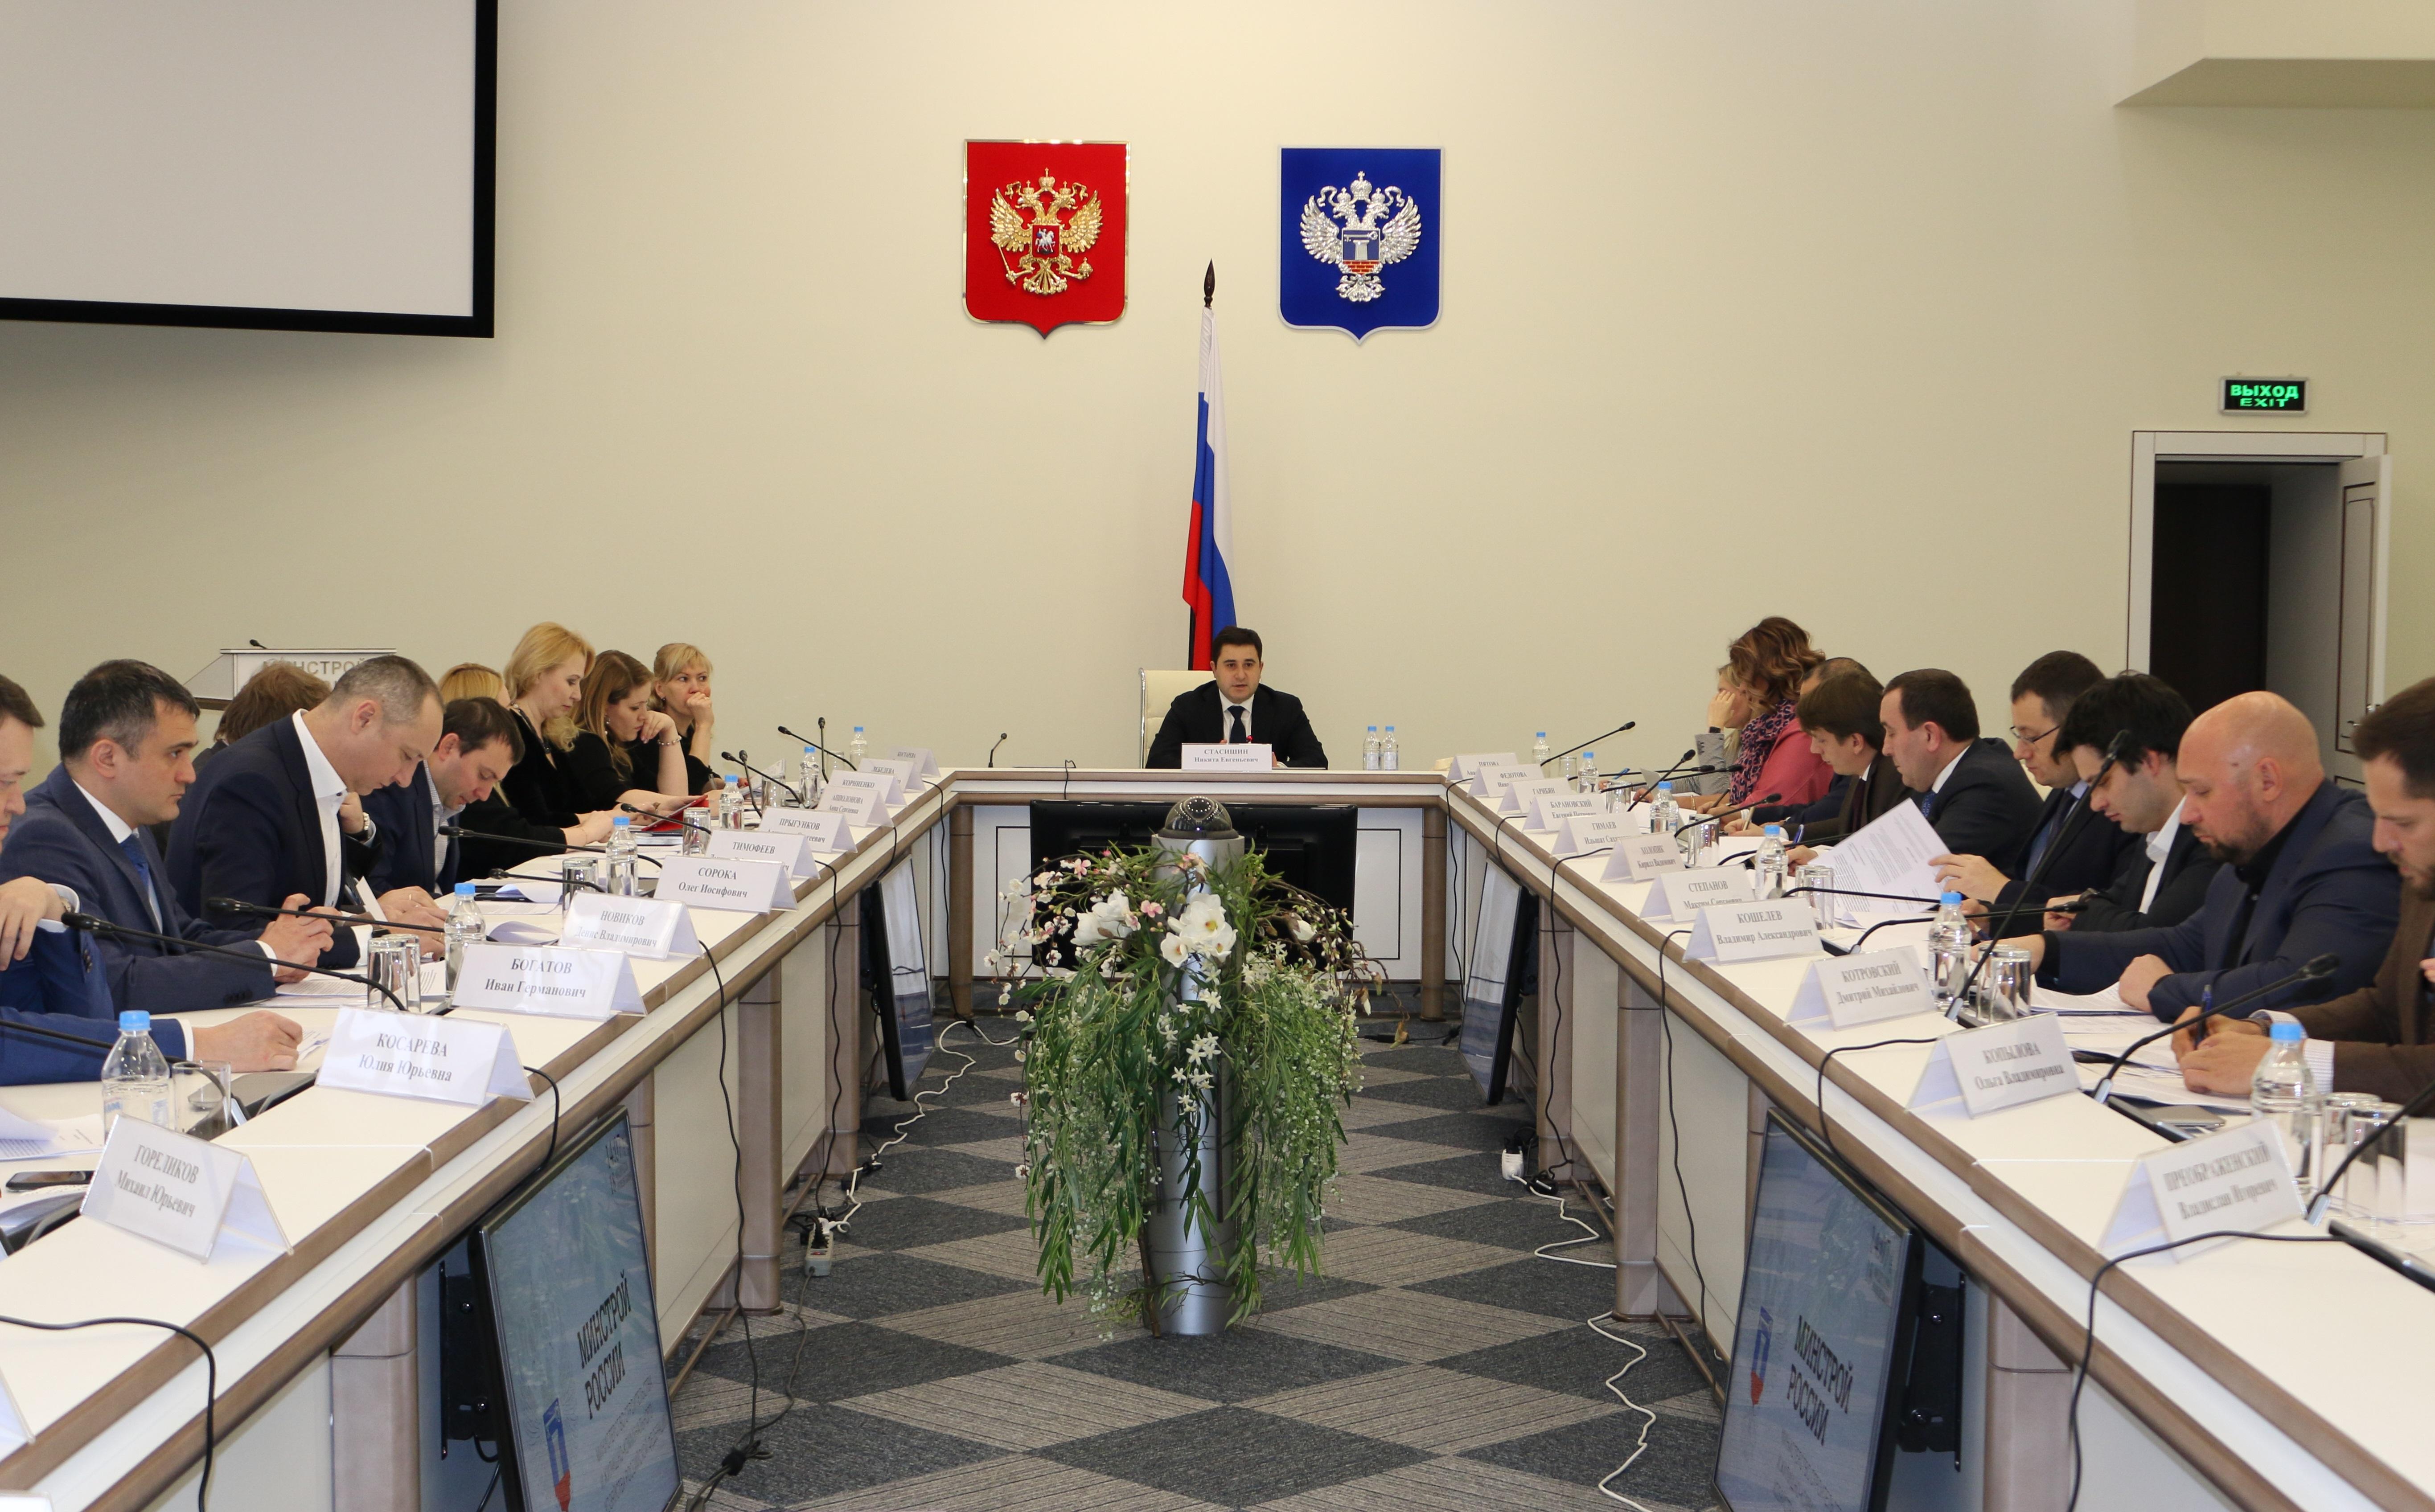 Минстрой России совместно с экспертами дорабатывает критерии завершения <br>строительства по старым правилам